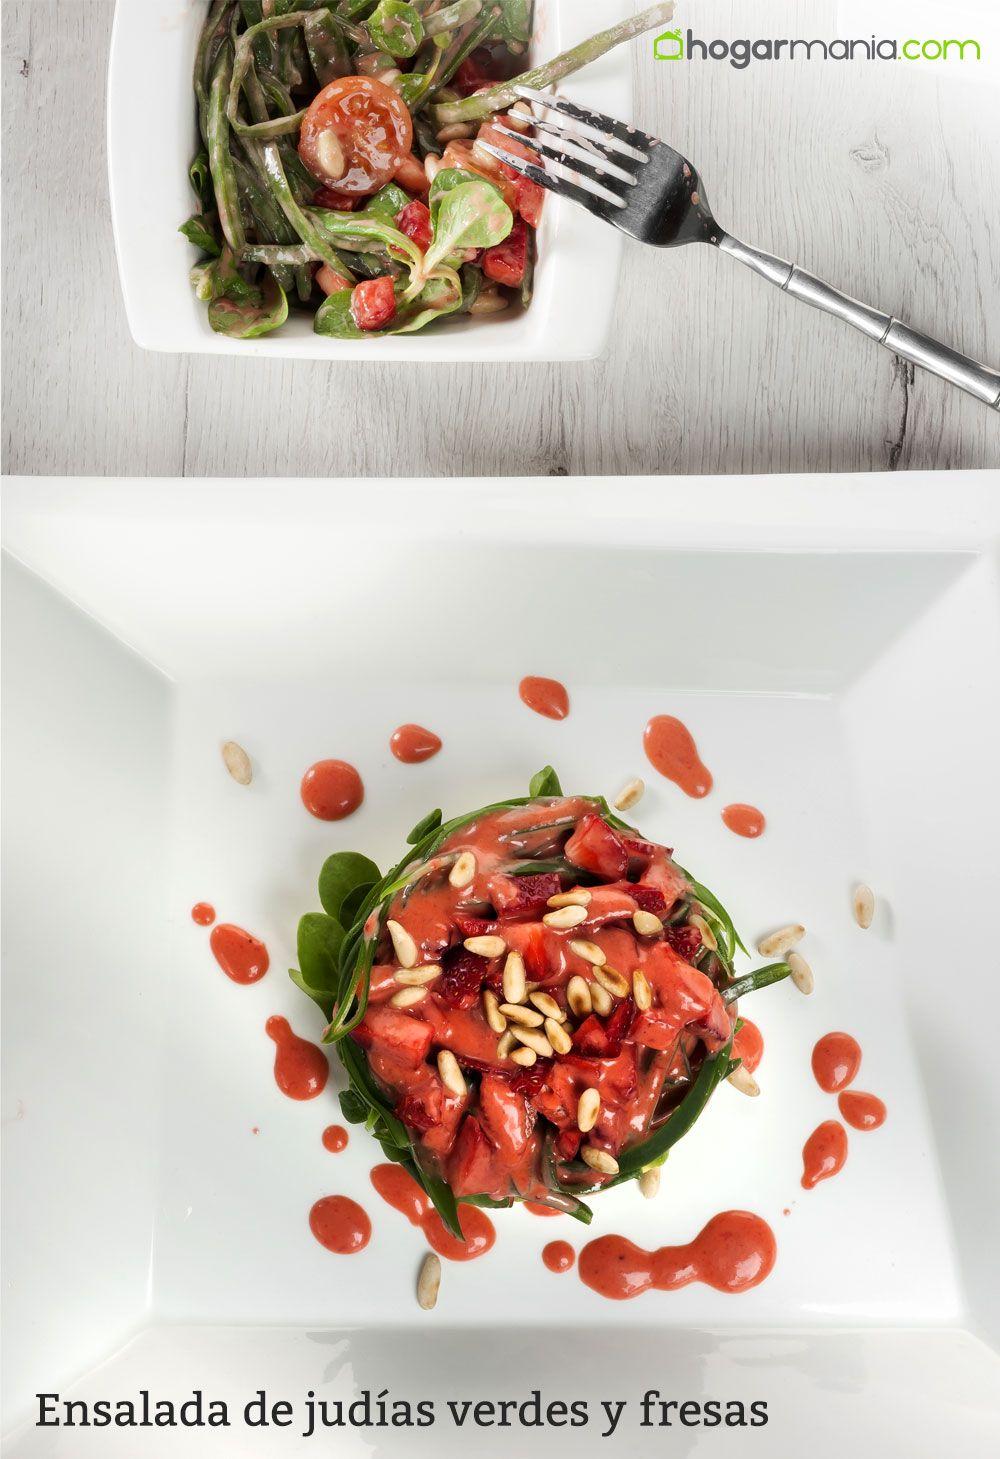 Ensalada de judías verdes y fresas